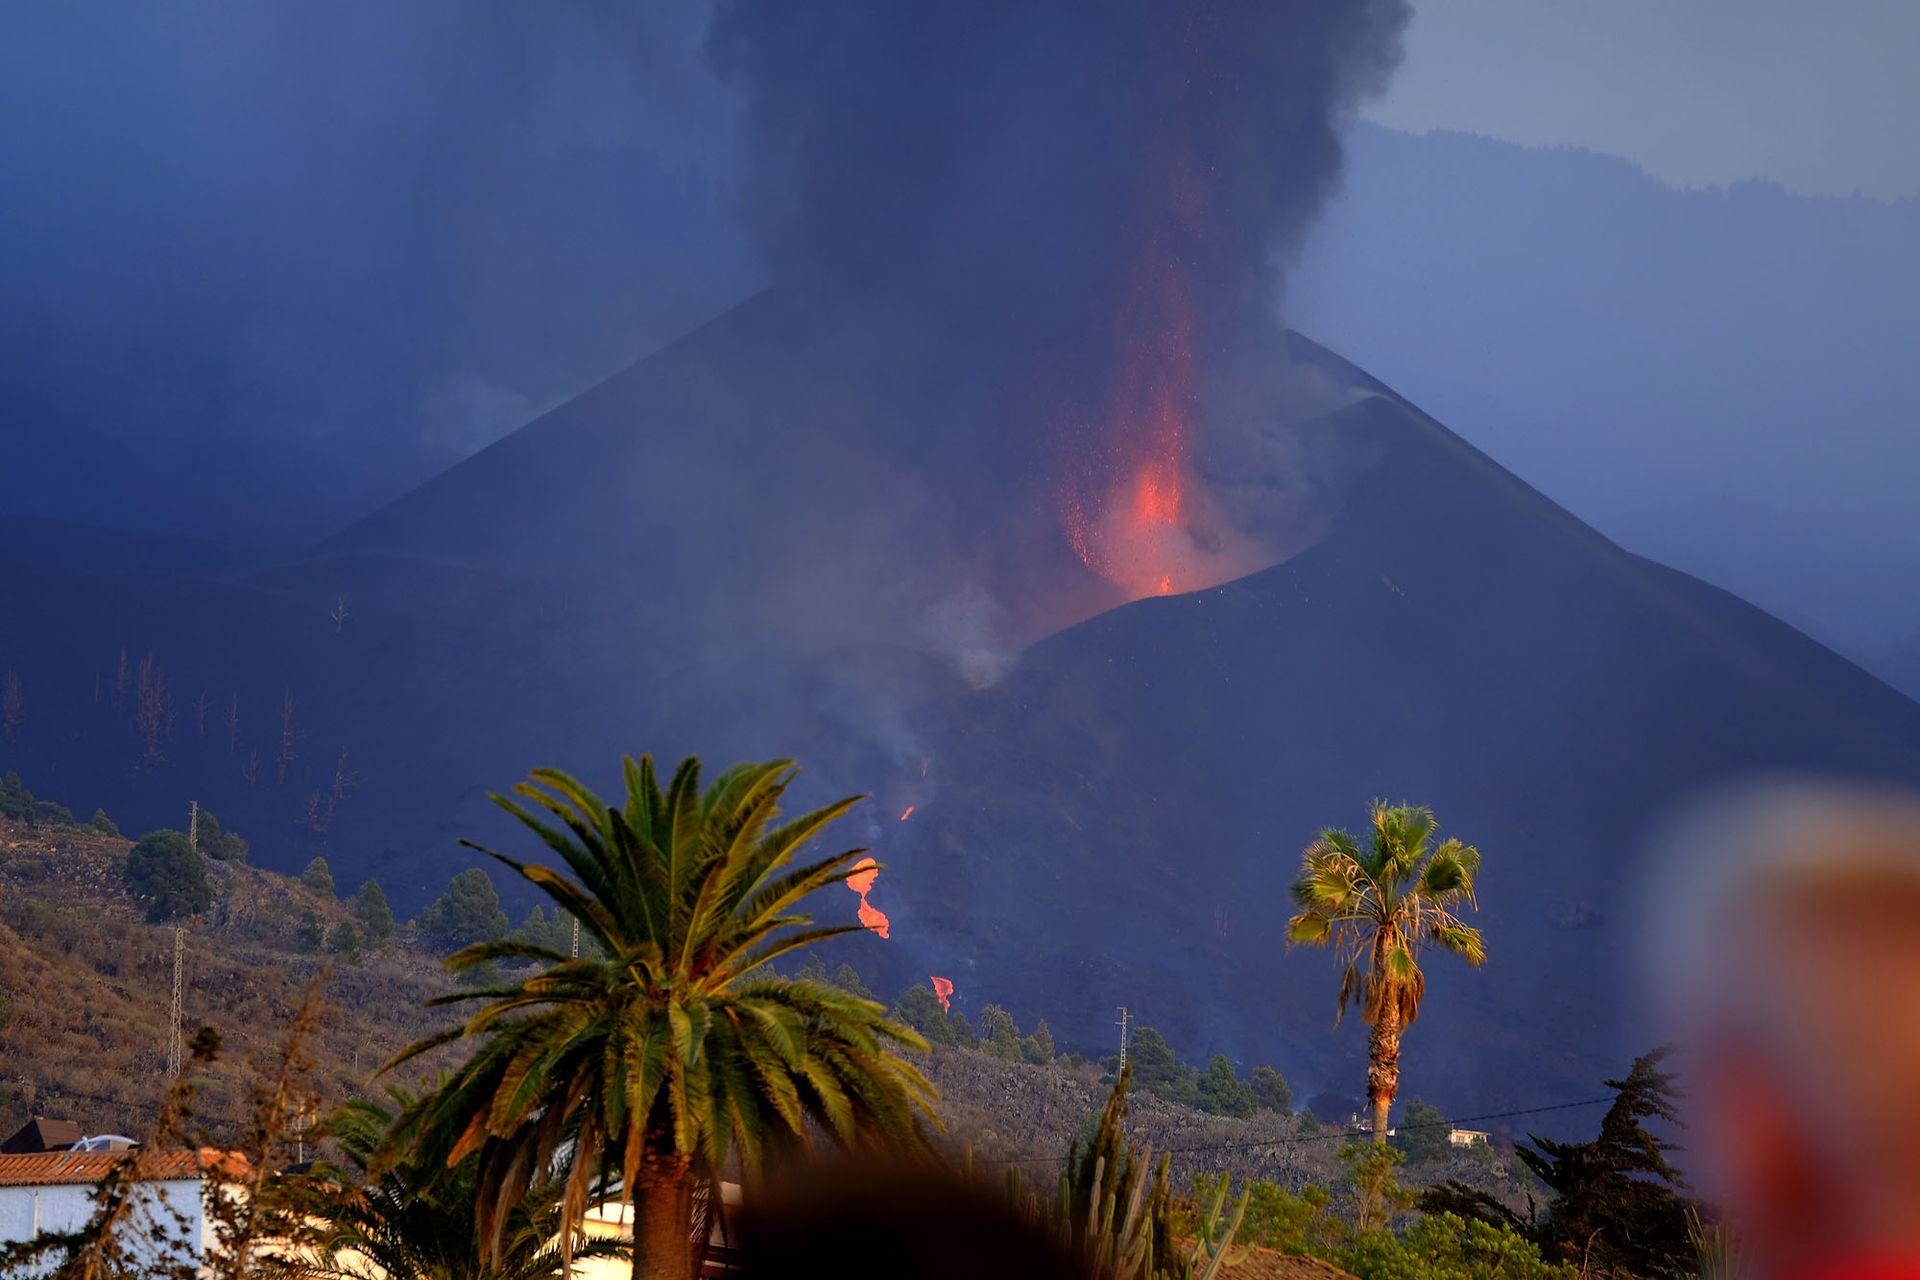 La lava fluye del volcán Cumbre Vieja después del colapso del flanco norte del cono volcánico